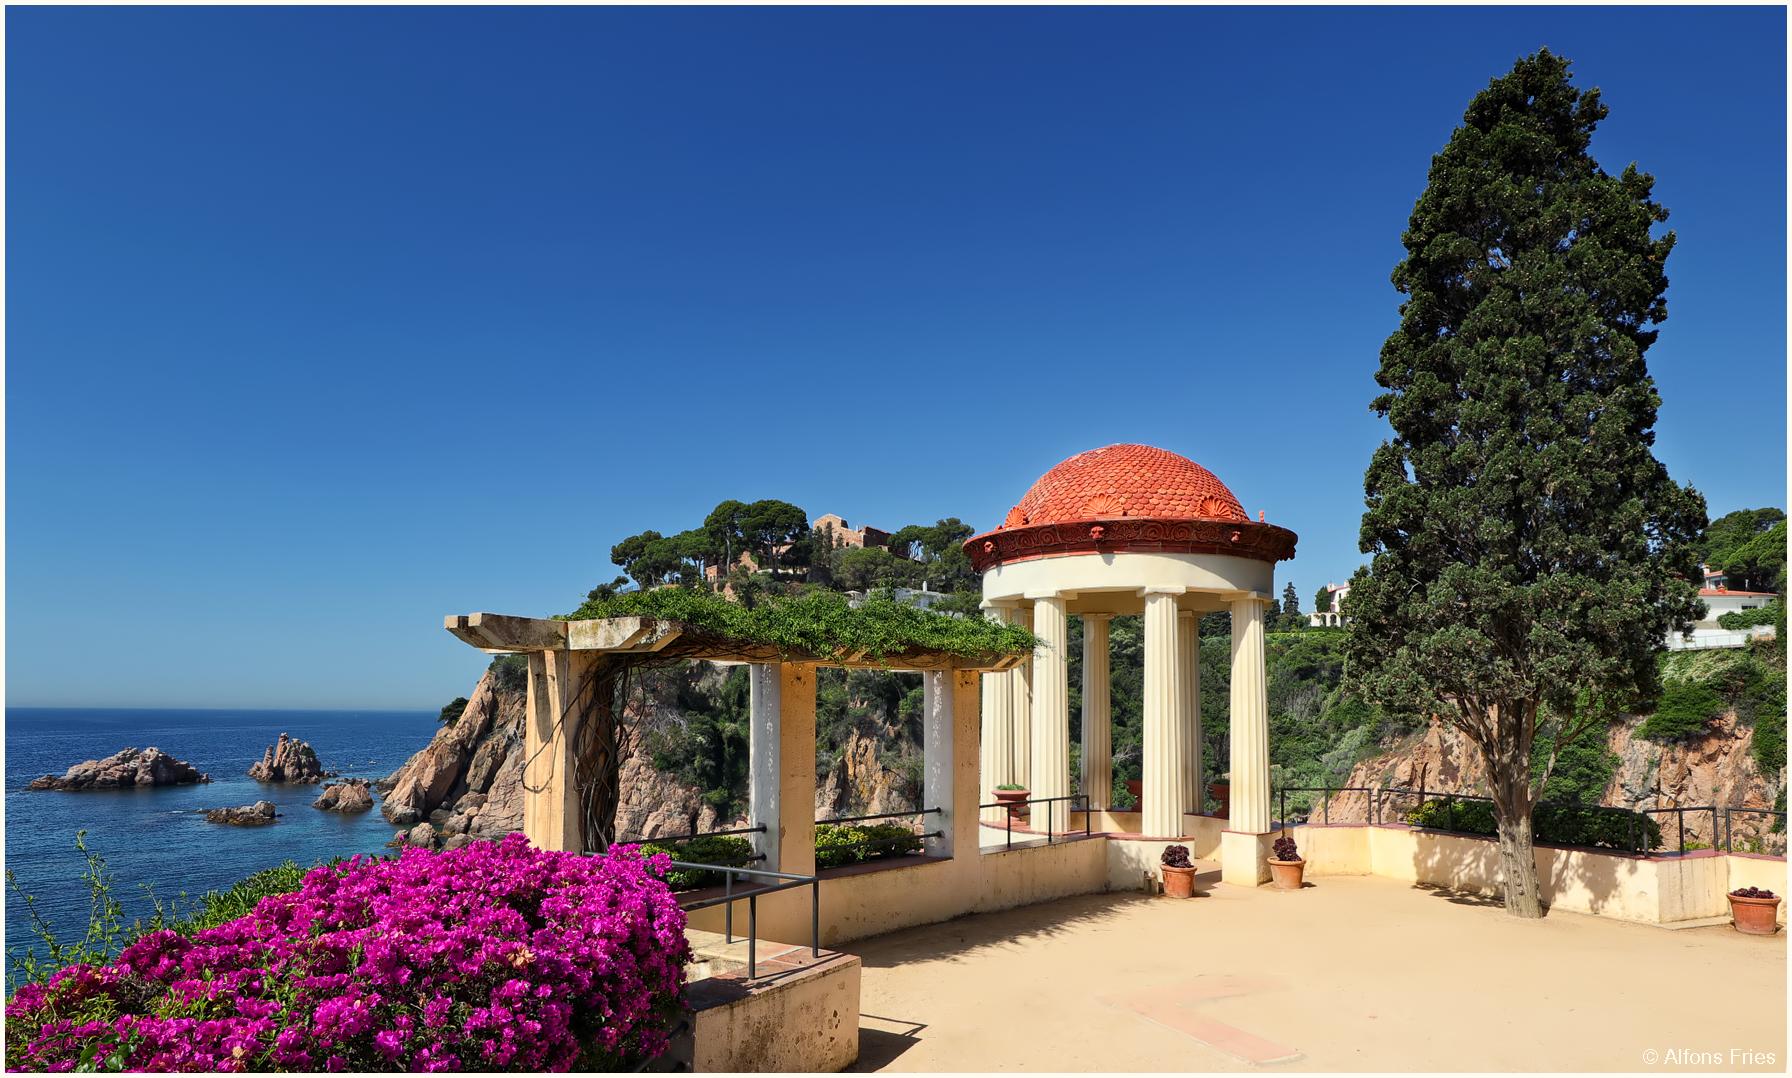 Der botanische Garten Marimurtra, ...